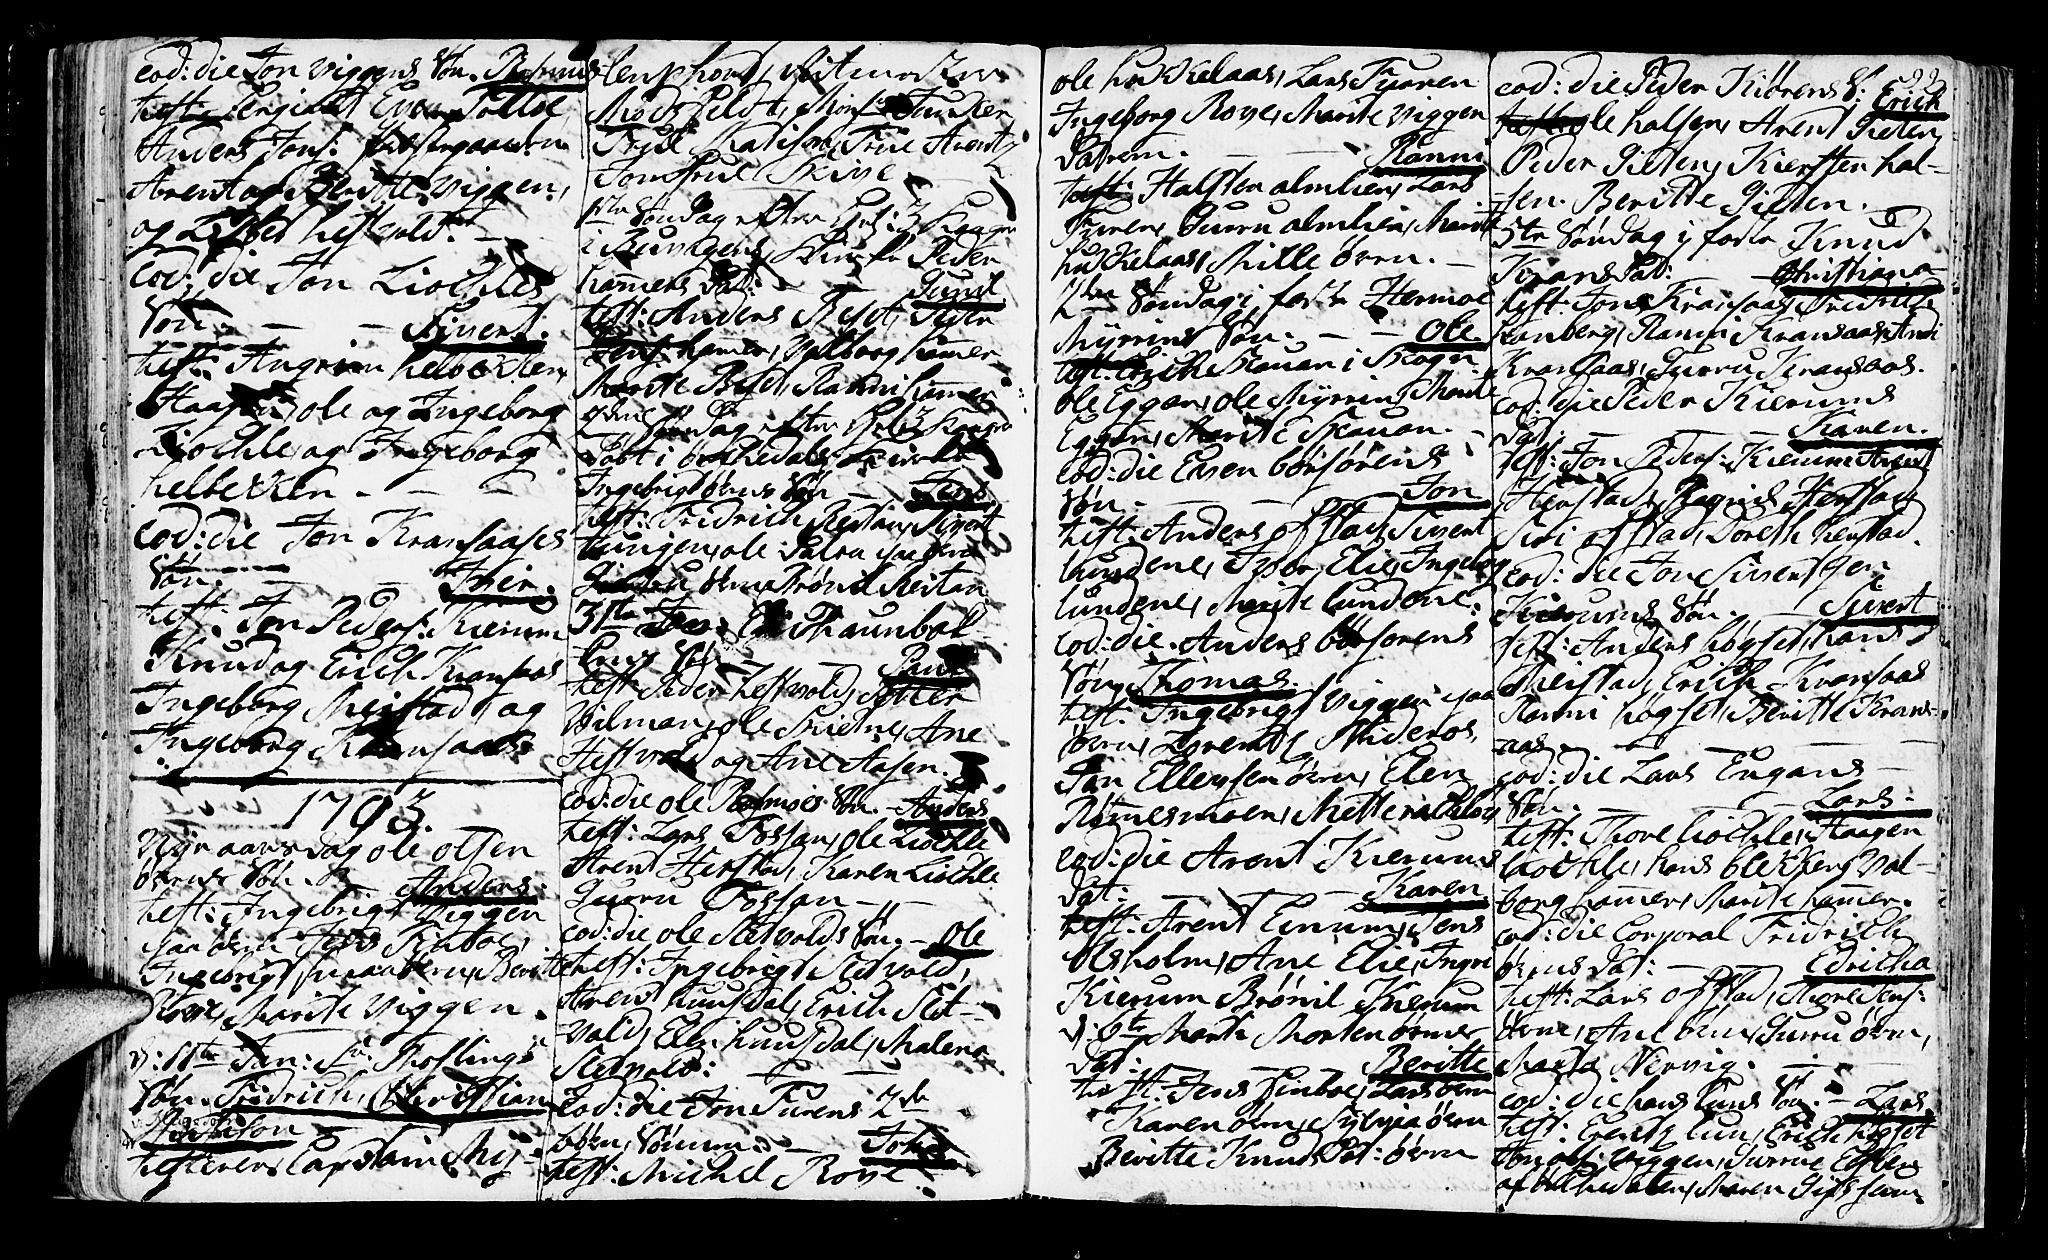 SAT, Ministerialprotokoller, klokkerbøker og fødselsregistre - Sør-Trøndelag, 665/L0768: Ministerialbok nr. 665A03, 1754-1803, s. 99